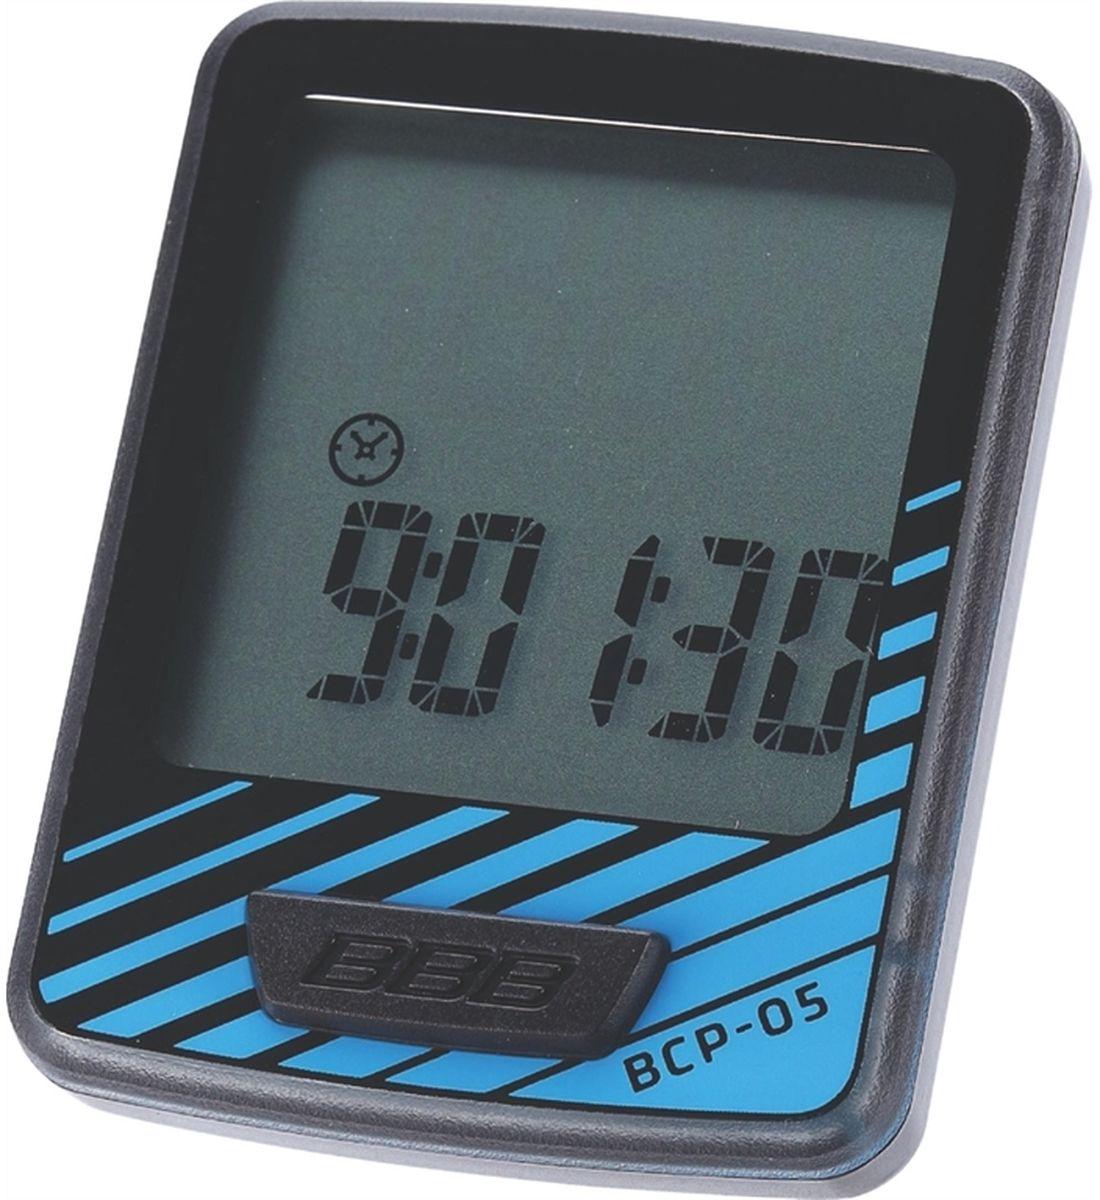 Велокомпьютер BBB DashBoard, цвет: черный, синий, 7 функцийFABLSEH10002Велокомпьютер BBB DashBoard стал, в своем роде, образцом для подражания. Появившись как простой и небольшой велокомпьютер с большим и легкочитаемым экраном, он эволюционировал в любимый прибор велосипедистов, которым нужна простая в использовании вещь без тысячи лишних функций. Общий размер велокомпьютера имеет небольшой размер за счет верхней части корпуса. Размер экрана 32 х 32 мм, позволяющие легко считывать информацию. Управление одной кнопкой.Функции:Текущая скоростьРасстояние поездкиОдометрЧасыАвтоматический переход функцийАвто старт/стопИндикатор низкого заряда батареи.Особенности:Легко читаемый полноразмерный дисплей.Удобное управление с помощью одной кнопки.Компьютер может быть установлен на руле и выносе.Водонепроницаемый корпус.Батарейка в комплекте.